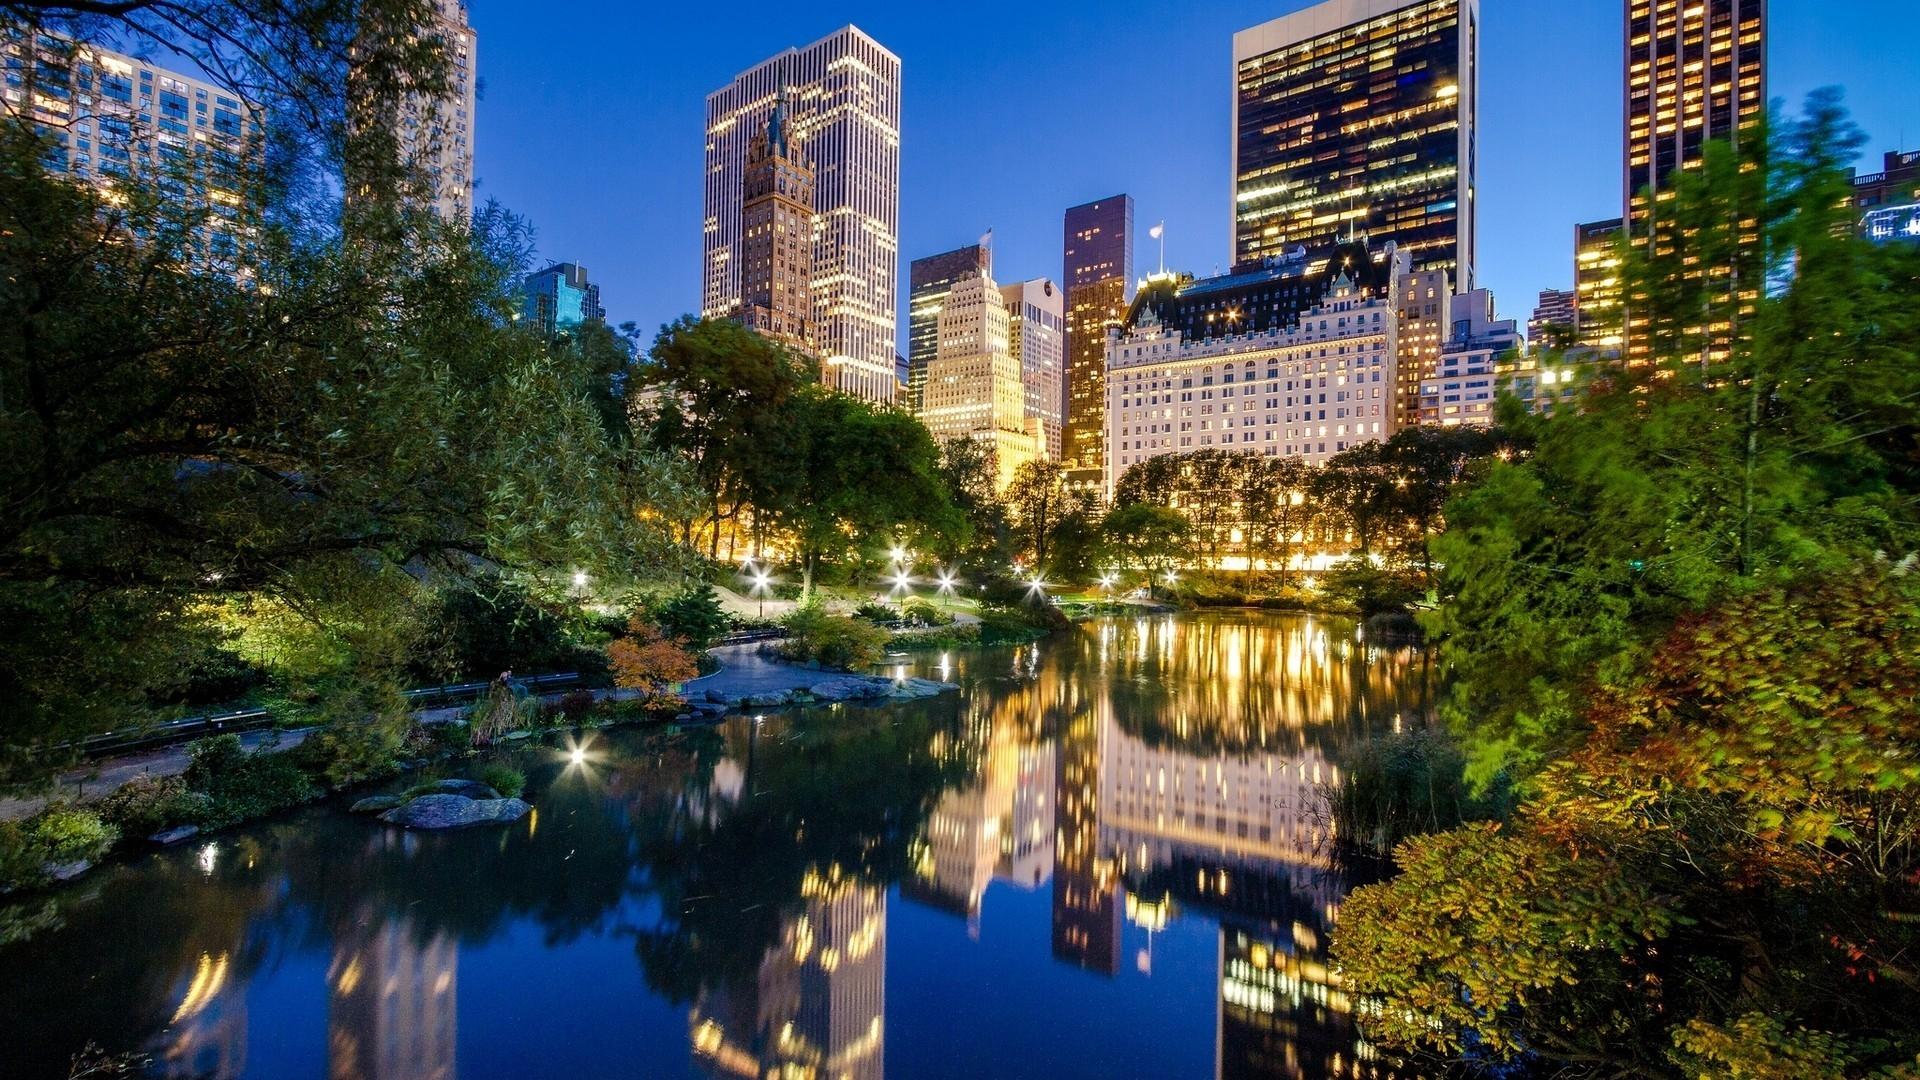 central park new york 1920 x 1080 hdtv 1080p wallpaper